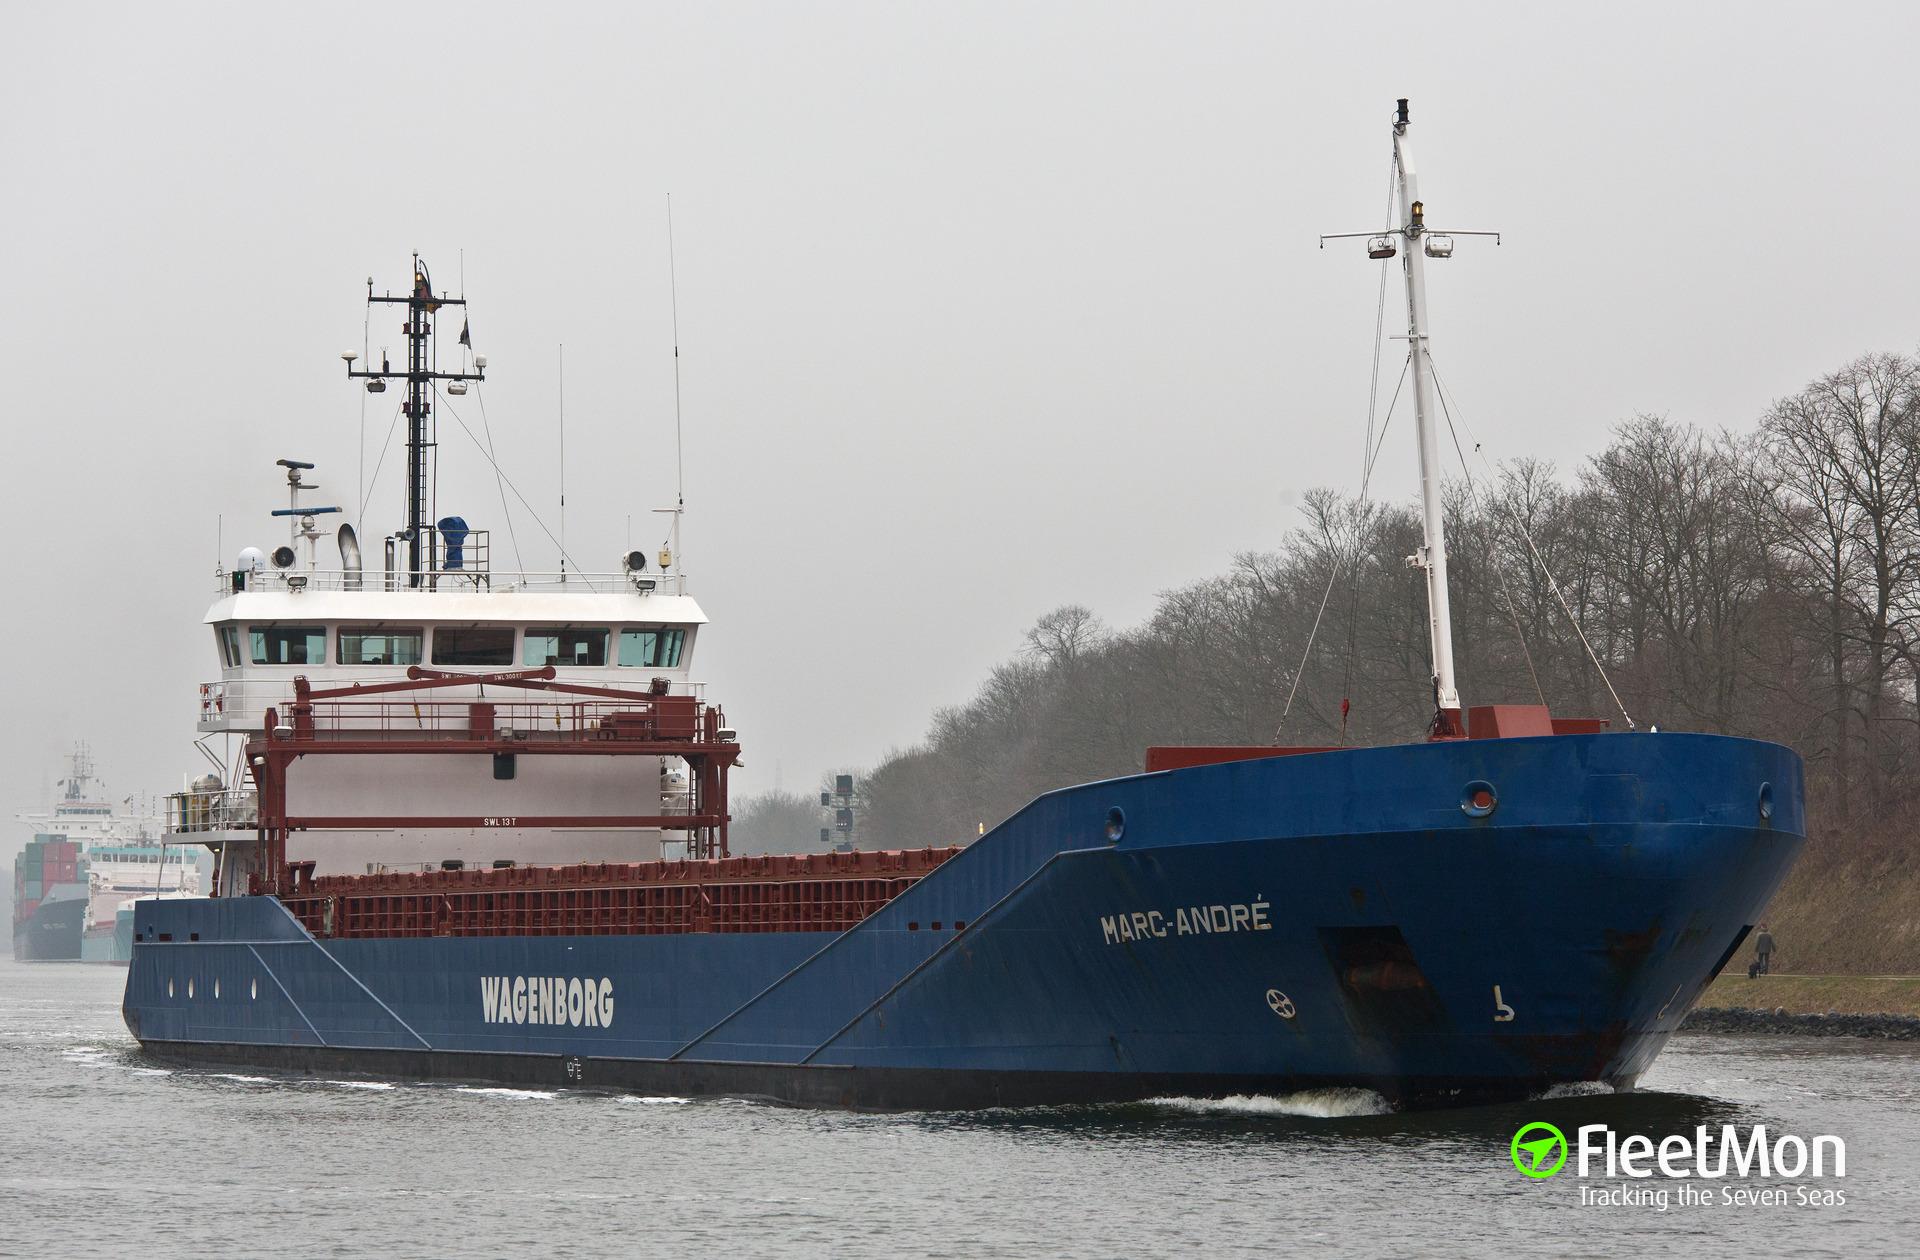 Oil spill in port of Hamburg